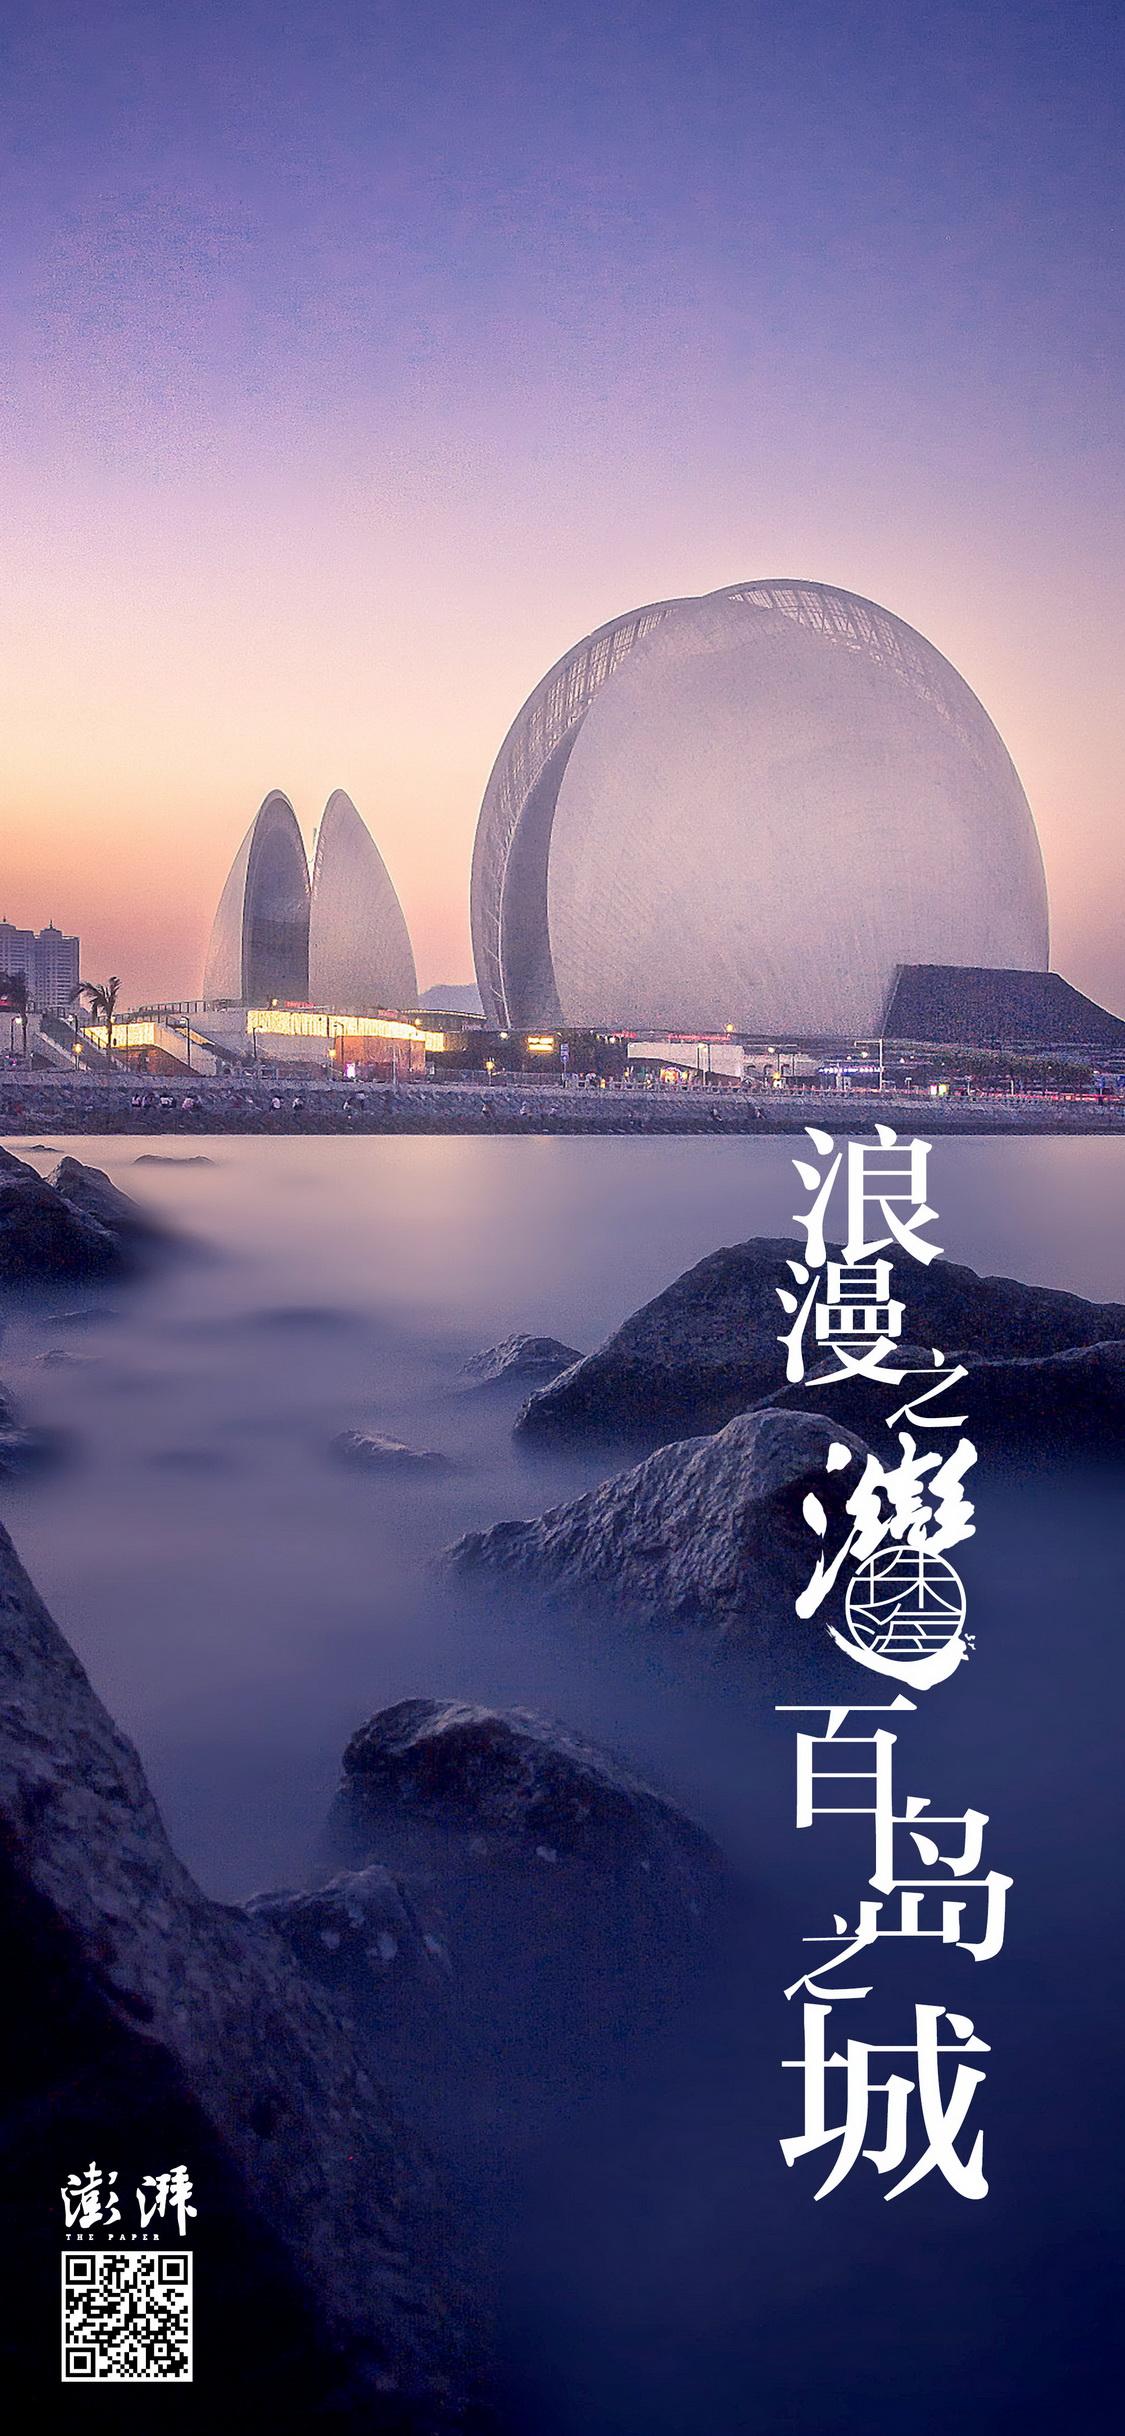 珠海:浪漫之湾,百岛之城